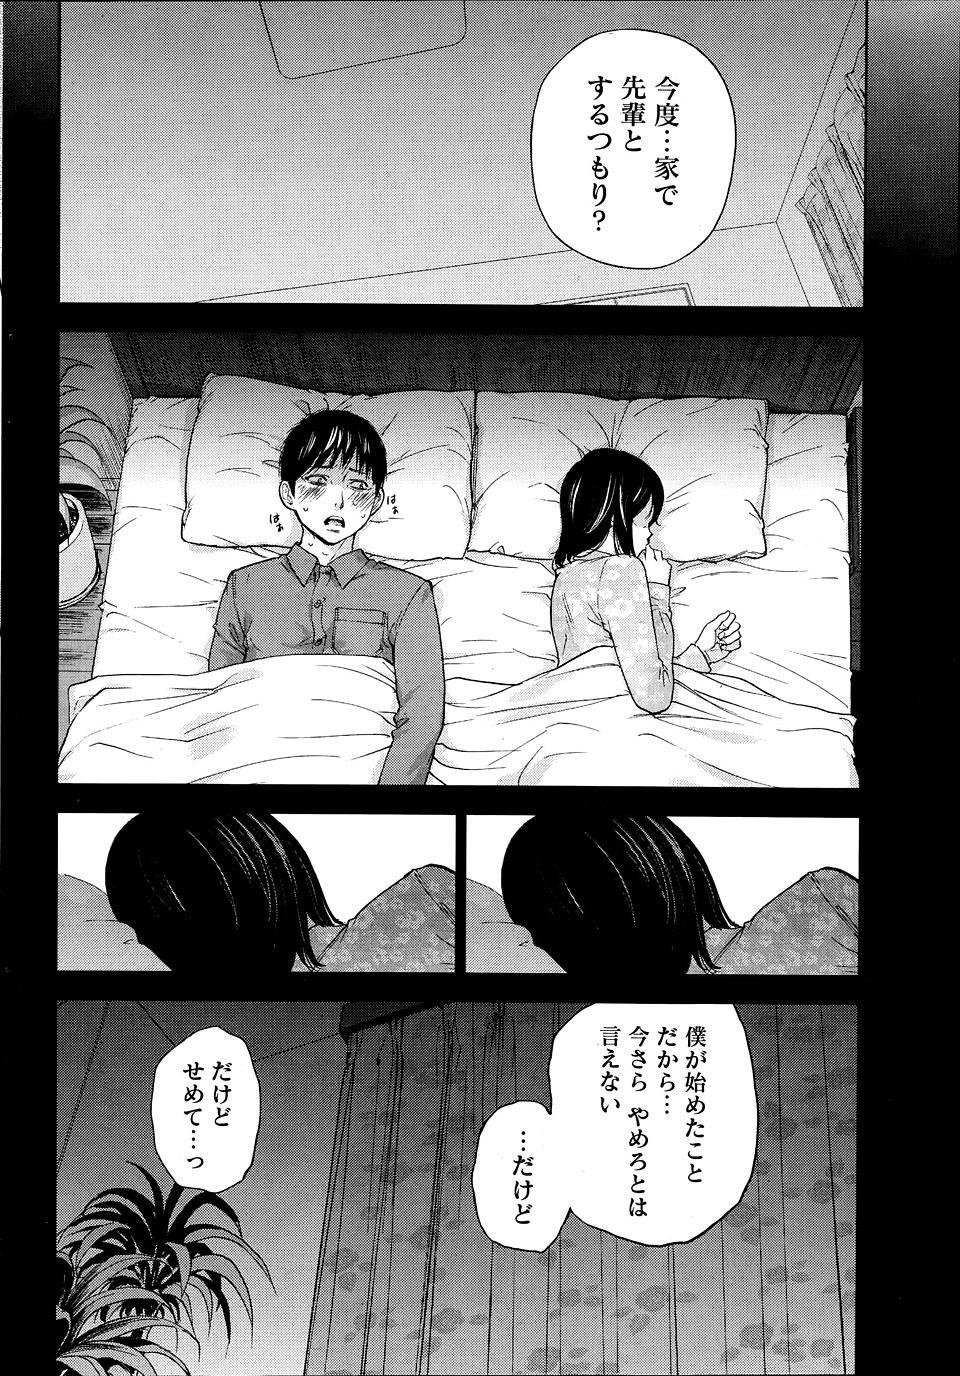 【エロ漫画・同人誌】自分の妻を寝取らせるのが好きな男が妻と先輩が家で会うのをカメラで覗こうとするも失敗w 004